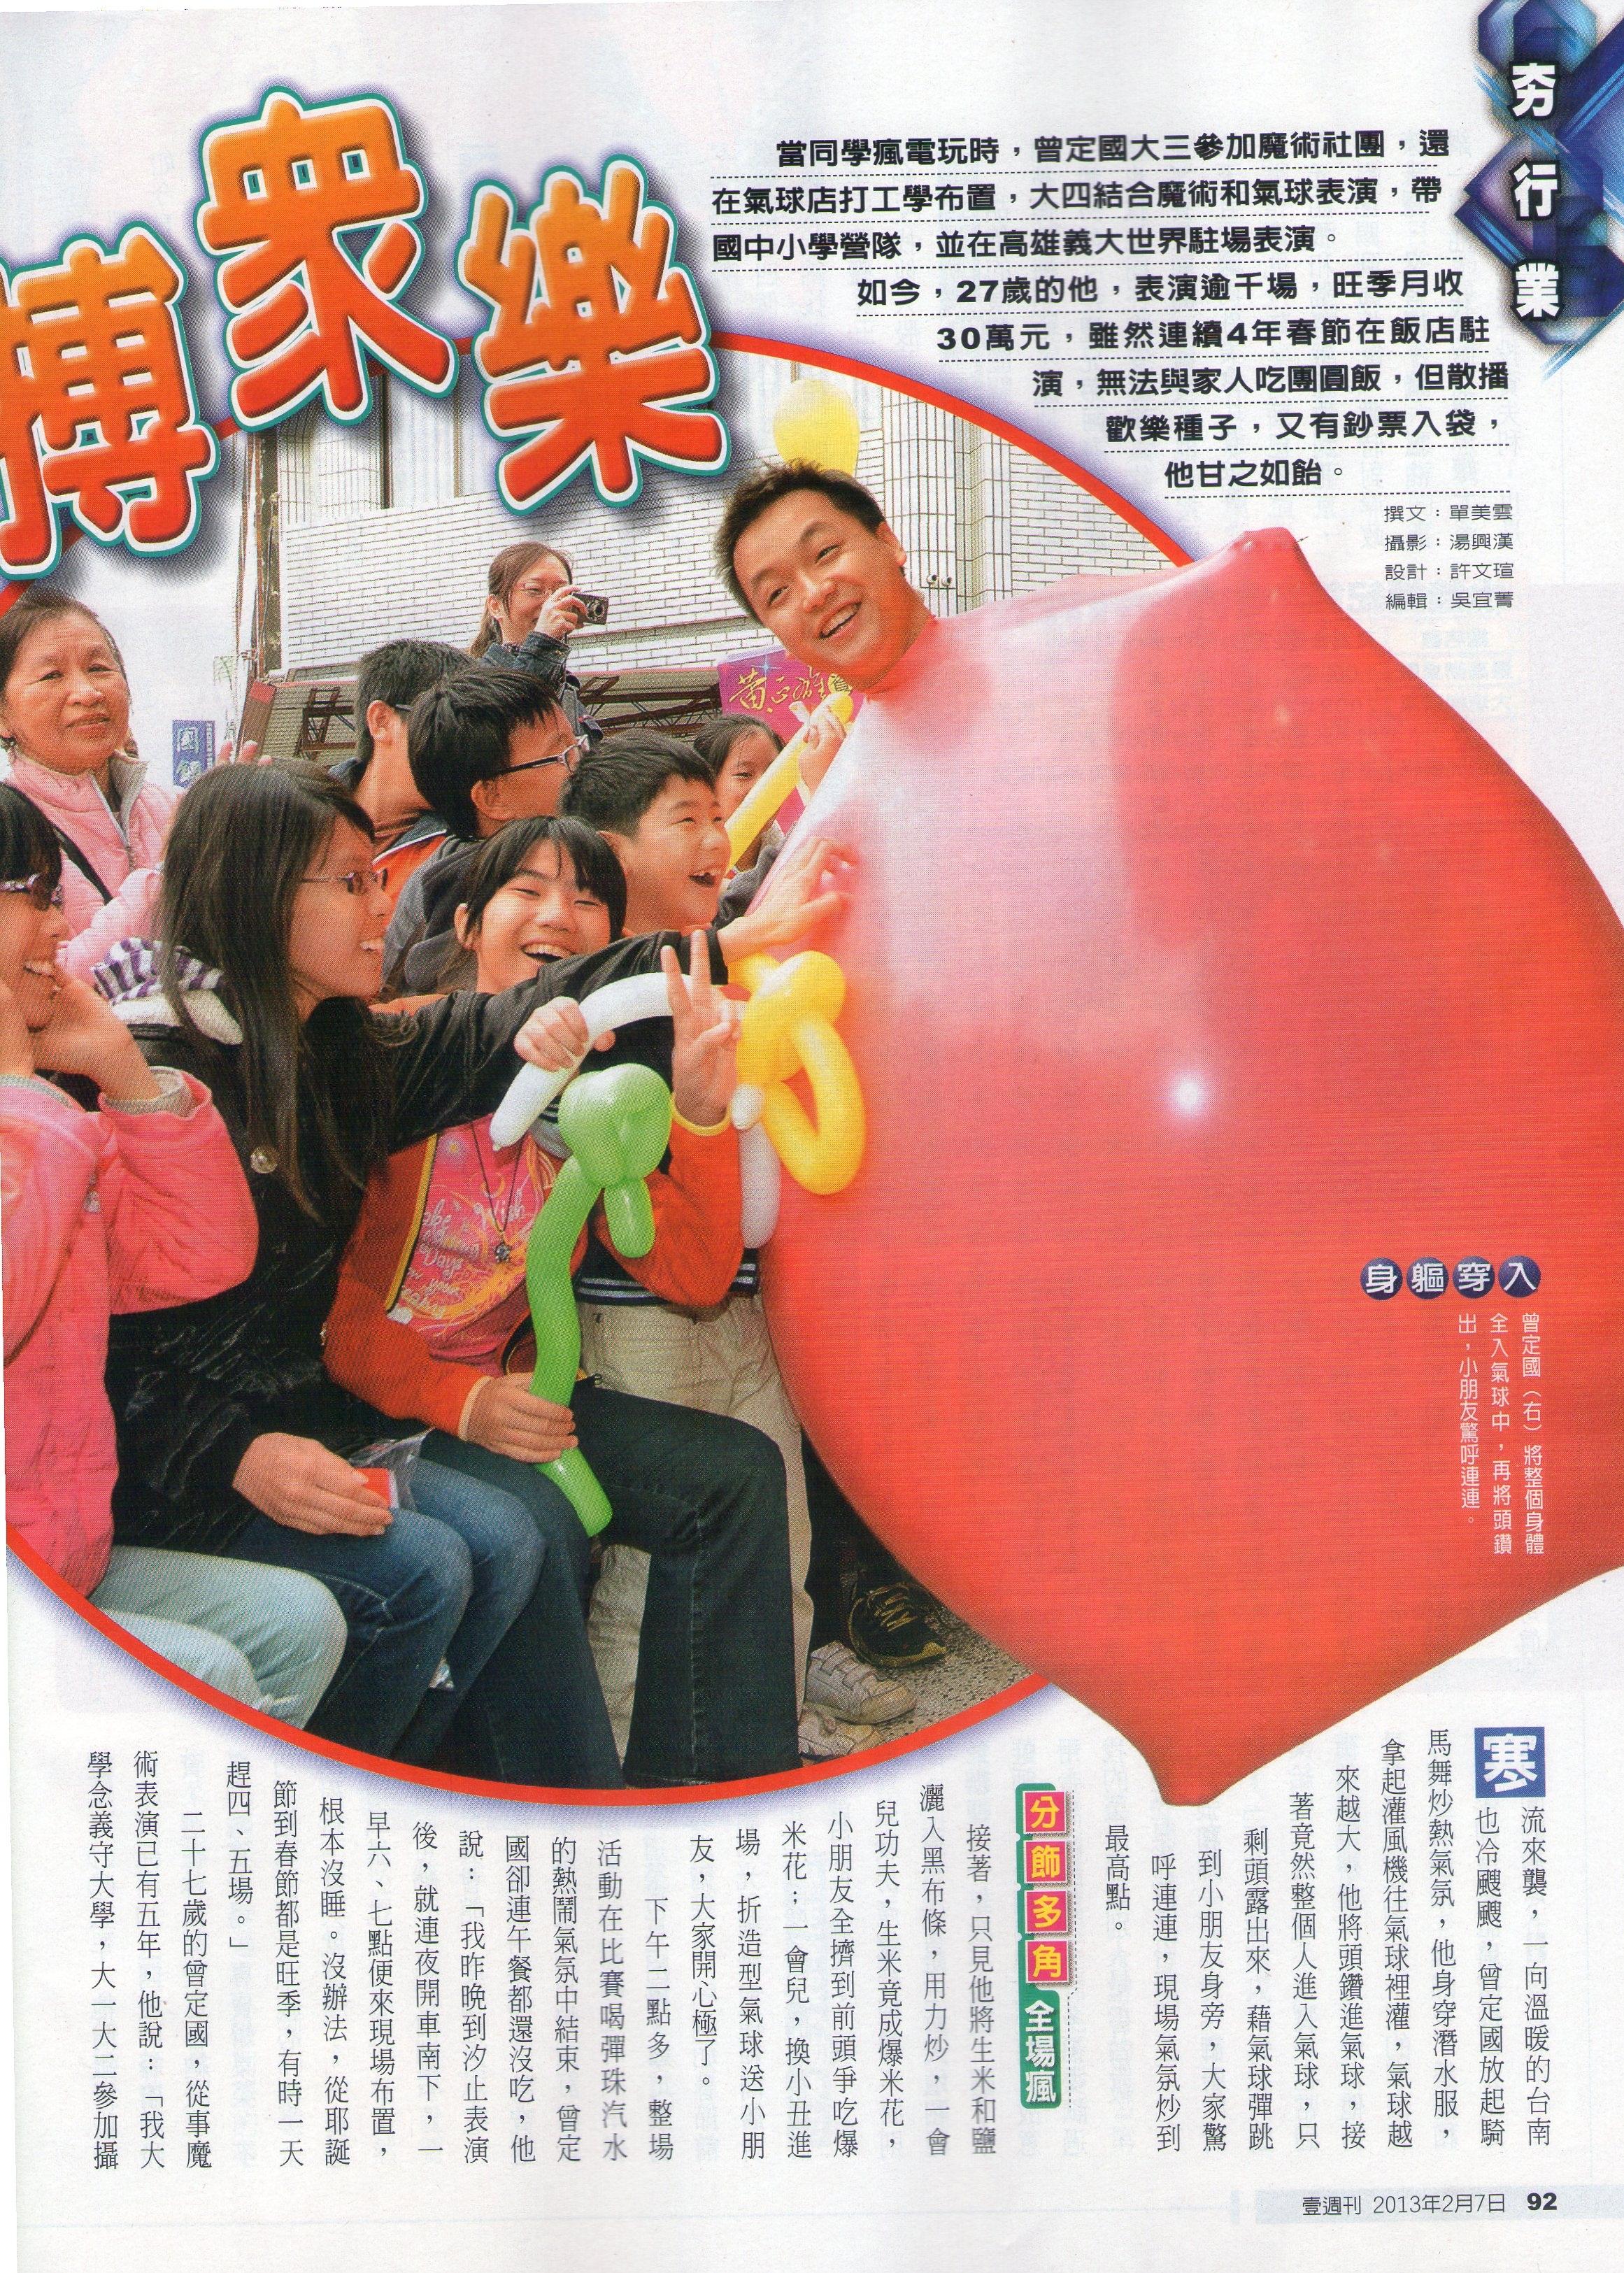 [媒體報導]1.壹週刊報導~611期(20130207) 創業專訪1